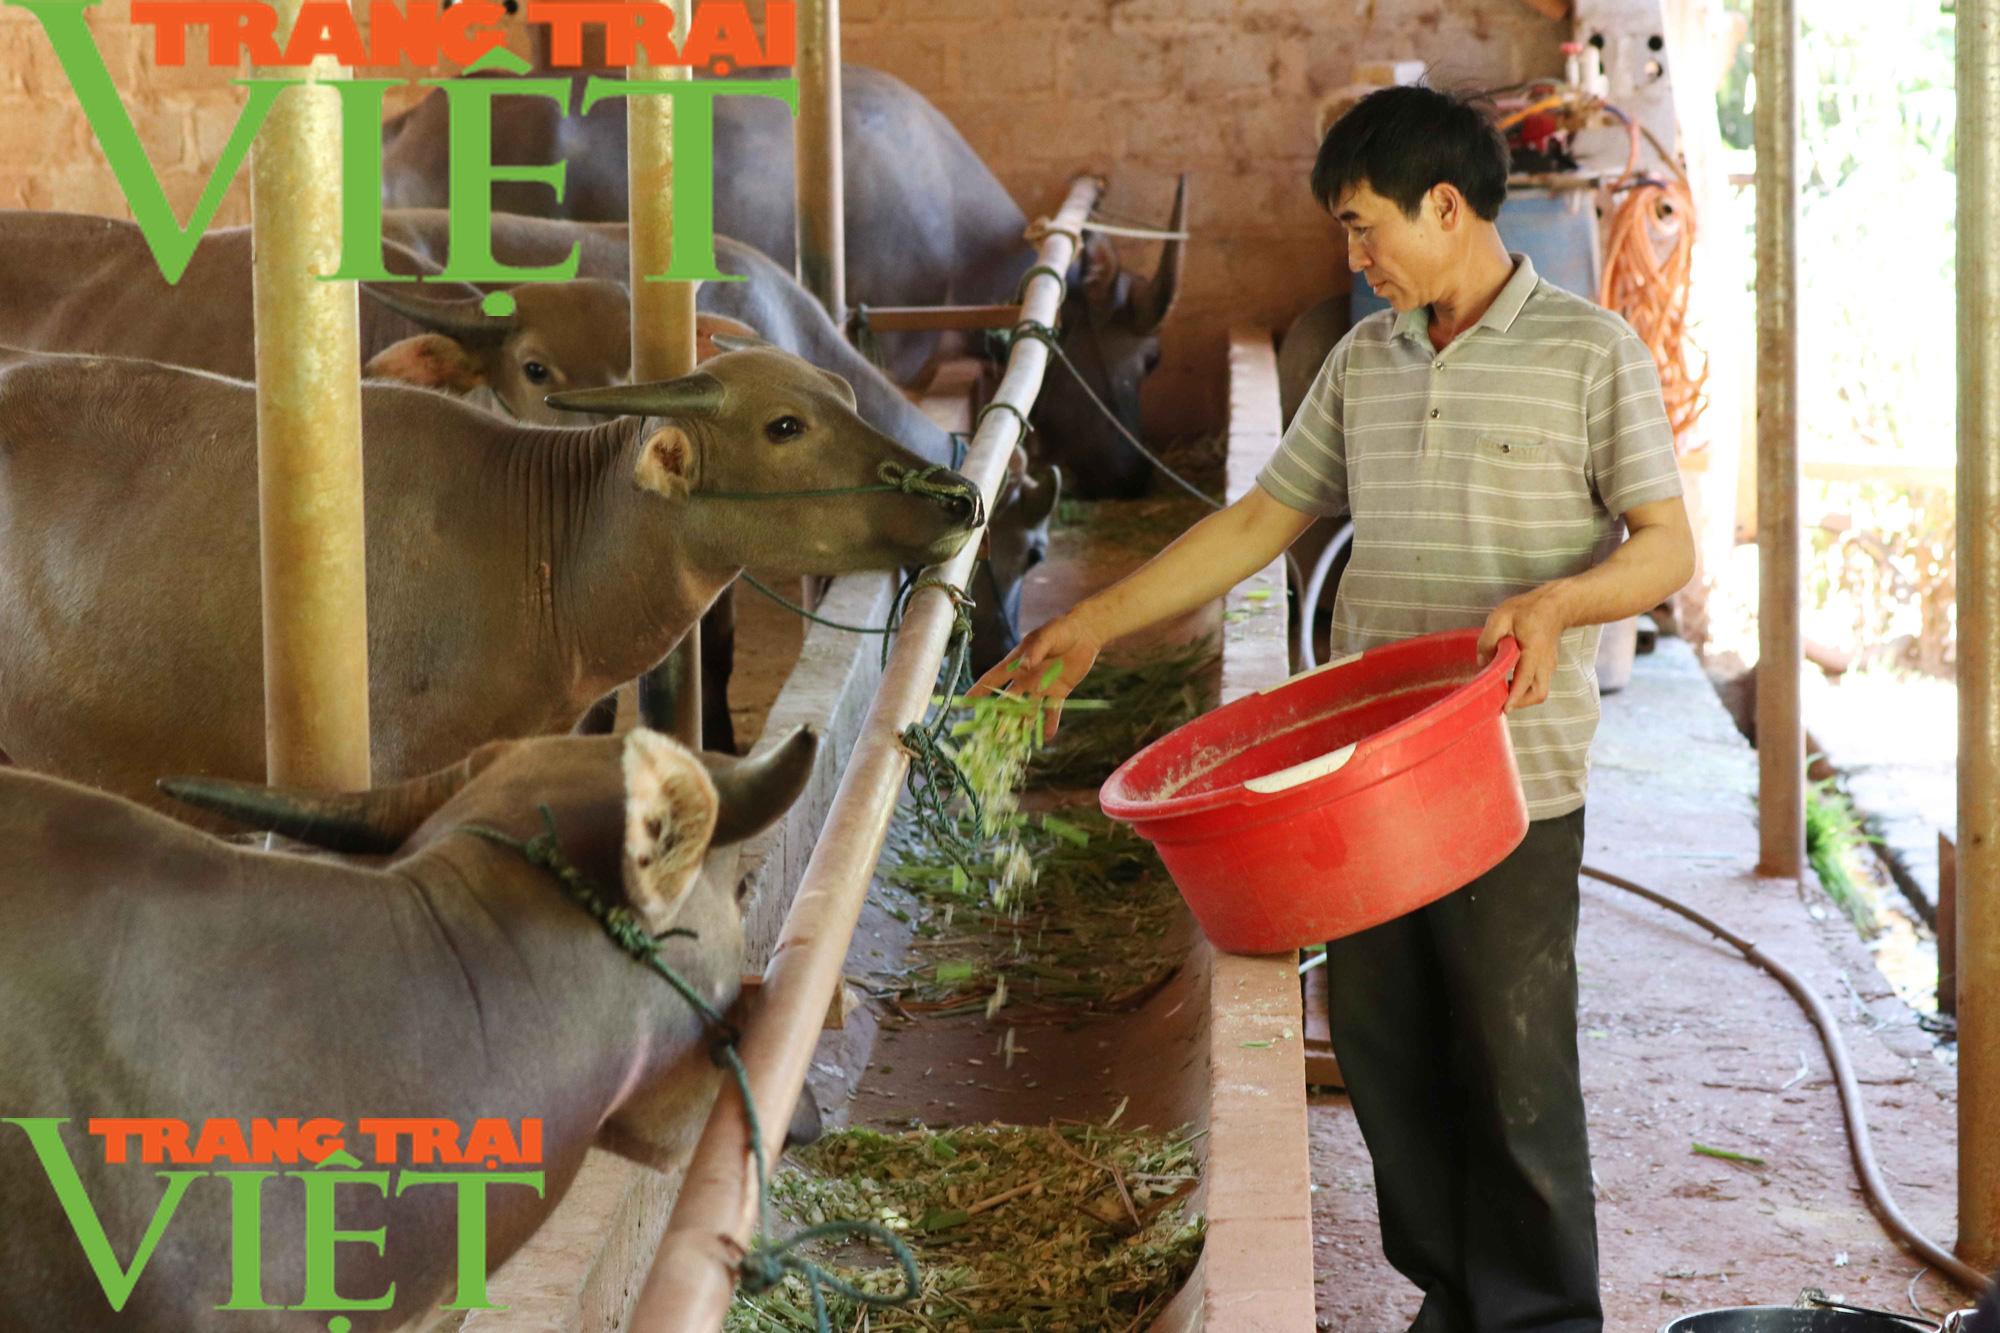 Hội Nông dân Sơn La: Làm tốt các hoạt động dịch vụ, tư vấn, dạy nghề, hỗ trợ nông dân - Ảnh 1.